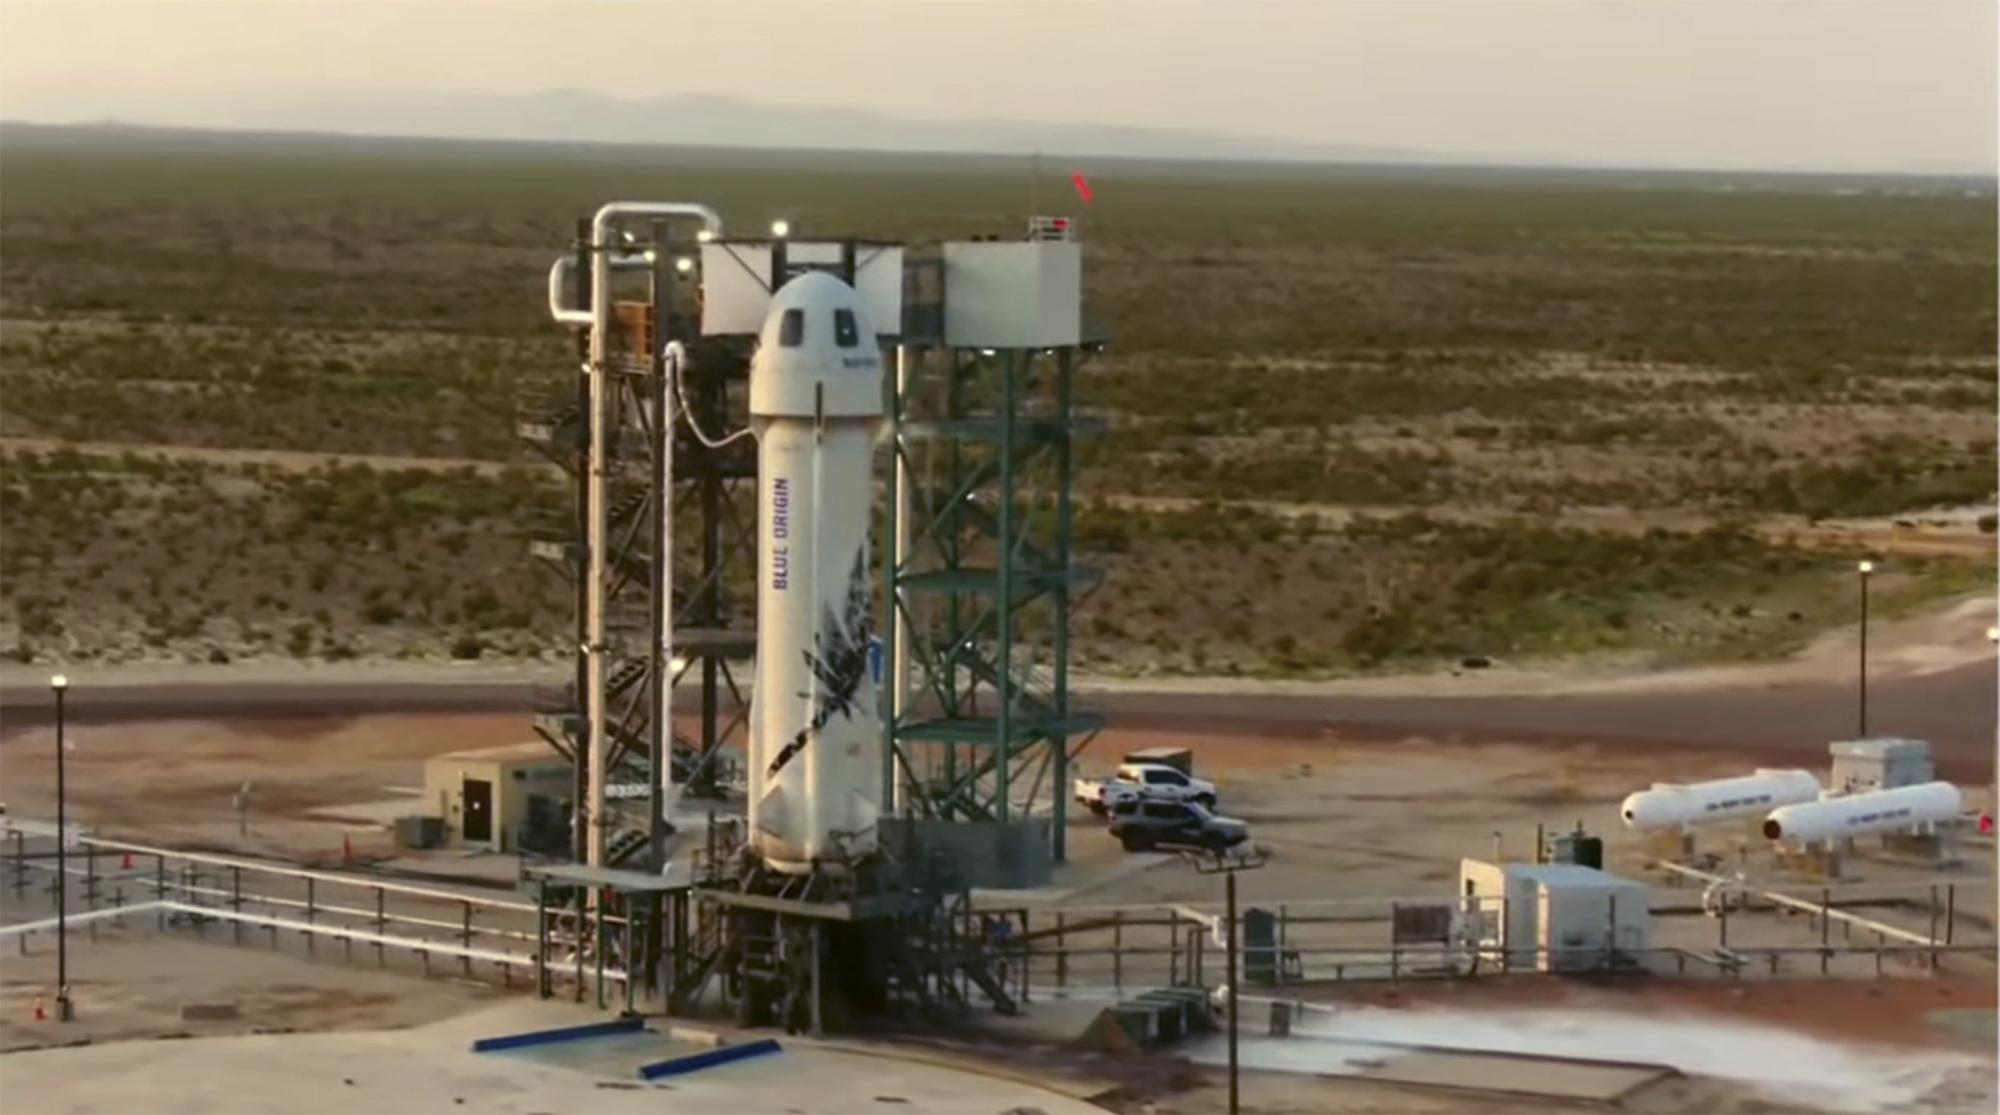 बेजोस ने ब्लू ओरिजिन कंपनी के न्यू शेपर्ड रॉकेट में वेस्ट टेक्सास के रेगिस्तान से भारतीय समयानुसार शाम 6:42 बजे उड़ान भरी।